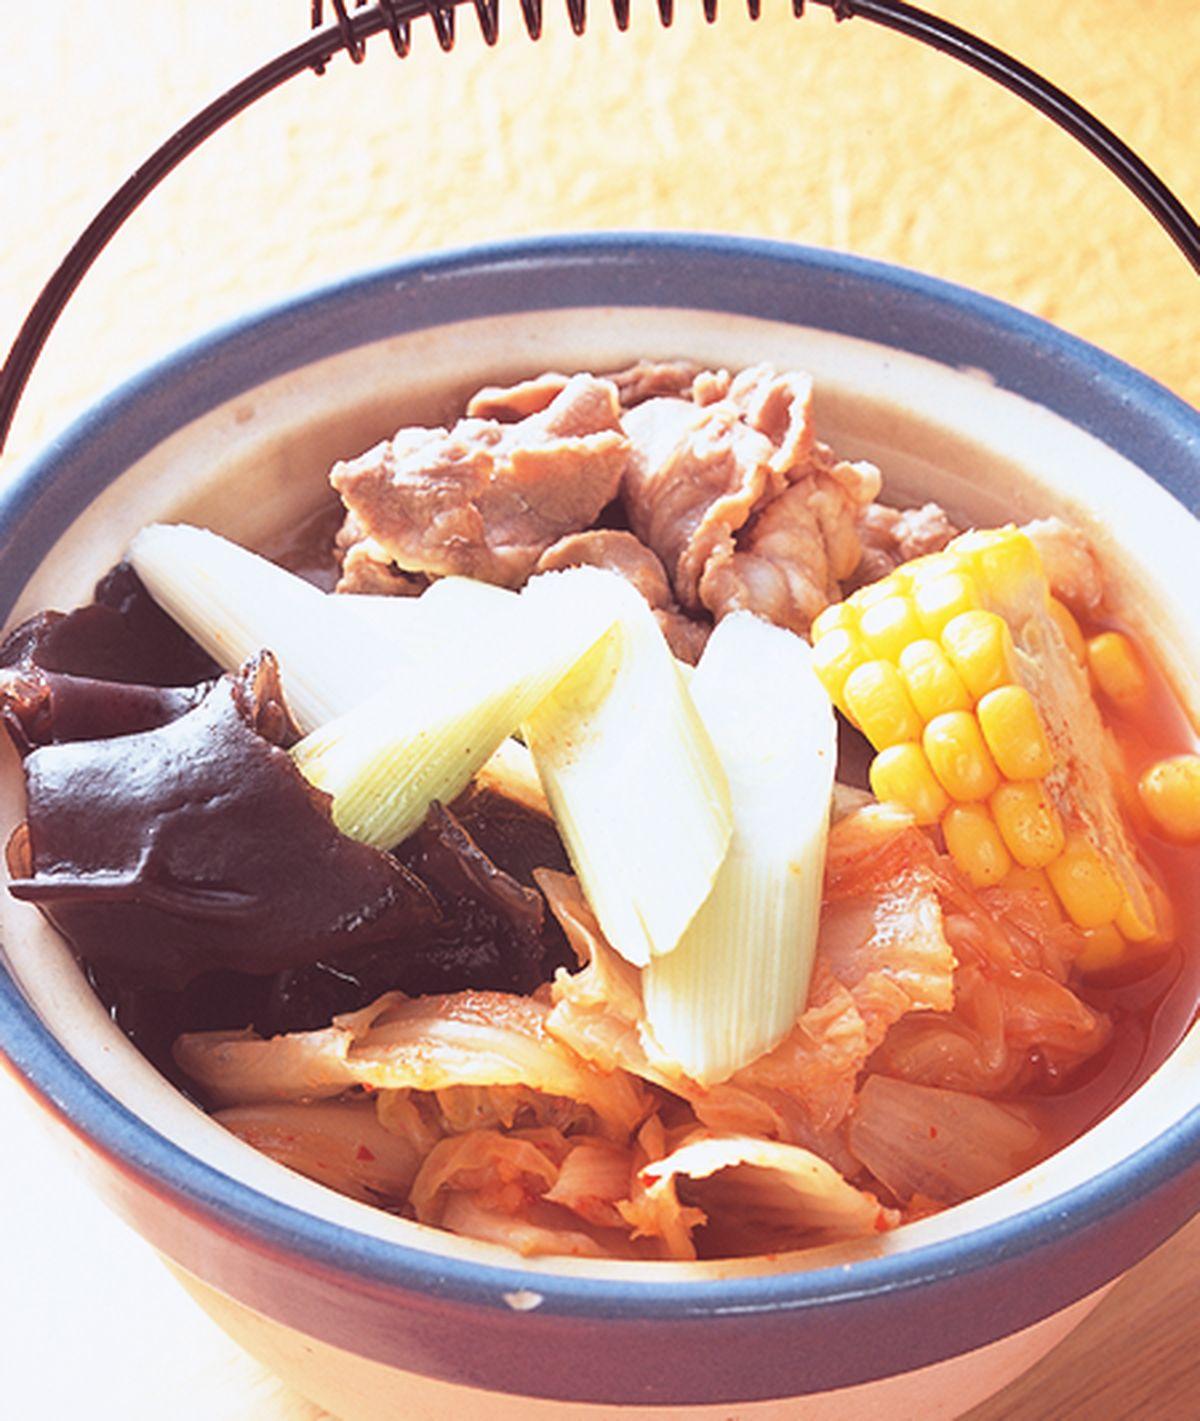 食譜:泡菜羊肉鍋